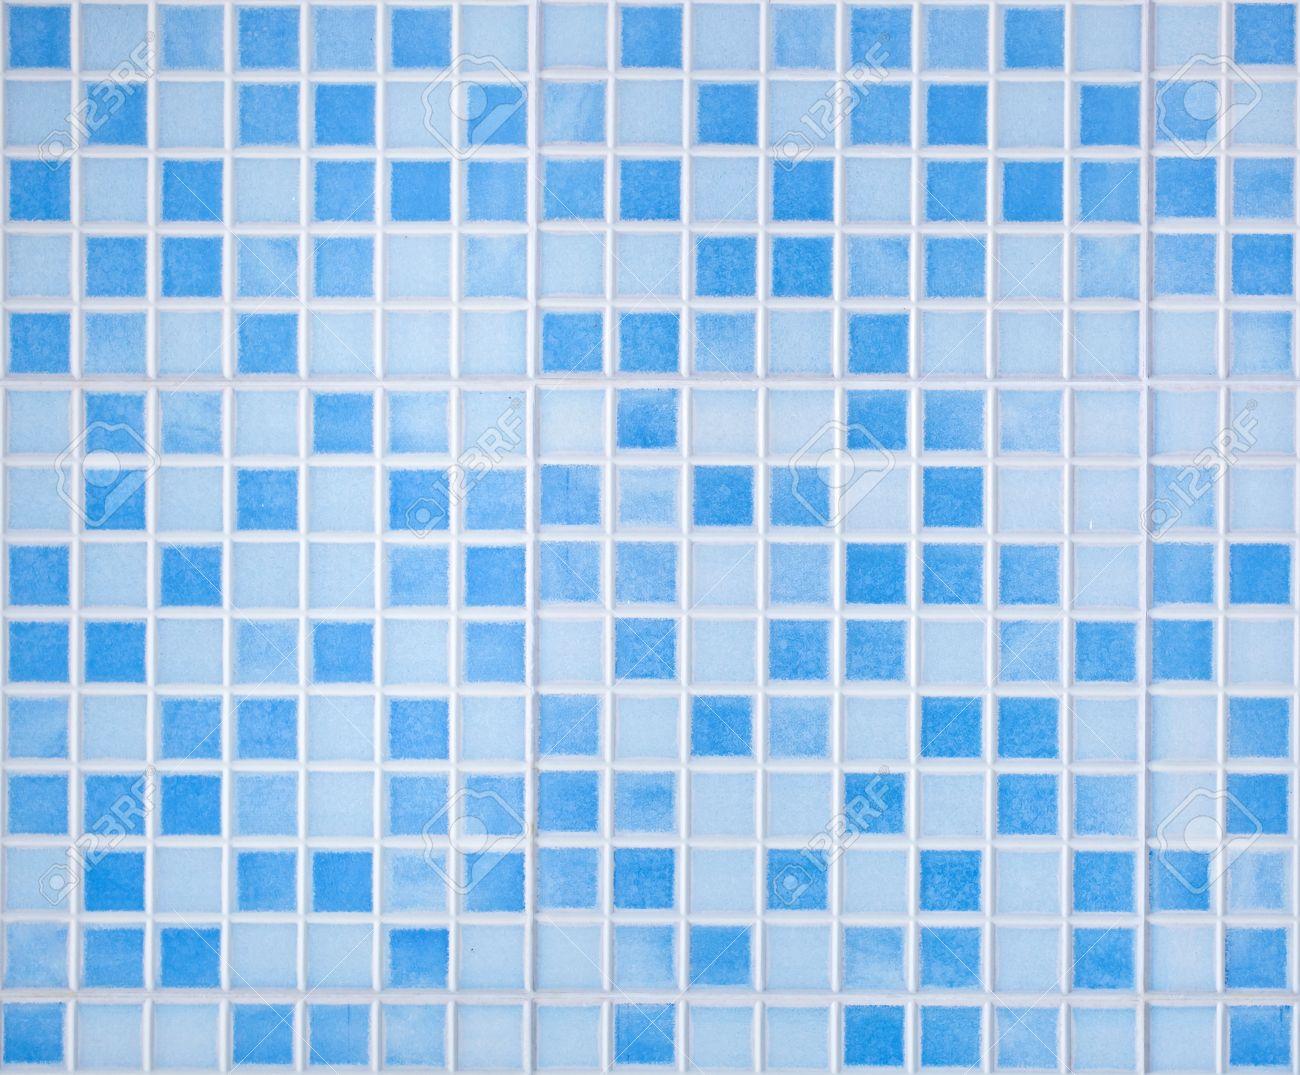 Couleur Carreaux De Fond Mosaique Bleue Pour Salle De Bains Banque D Images Et Photos Libres De Droits Image 44943498